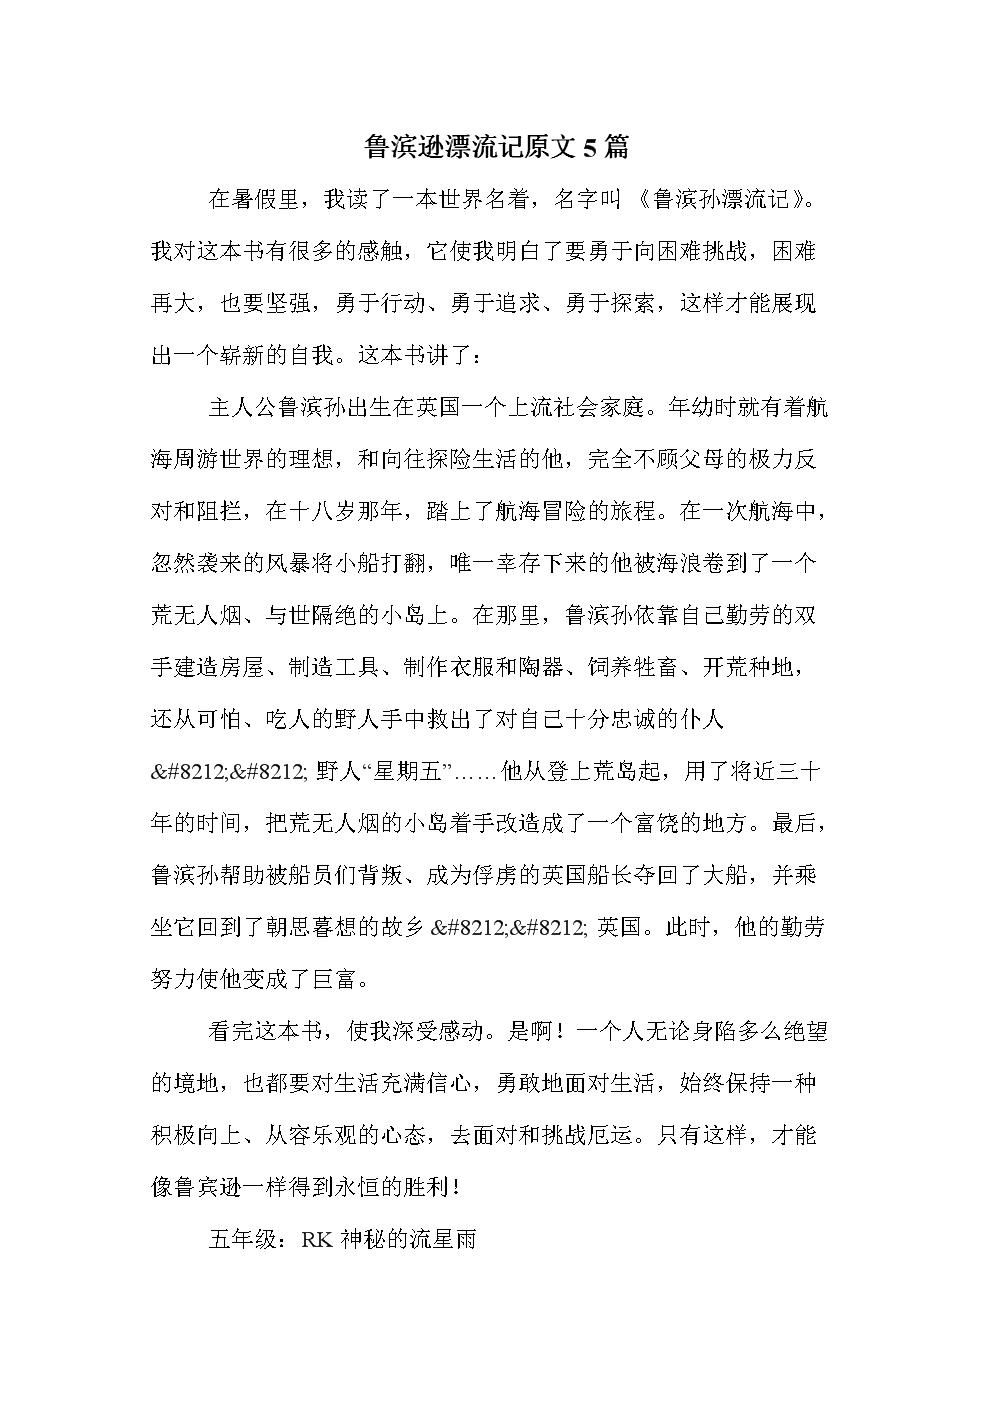 鲁滨逊漂流记原文5篇 .doc